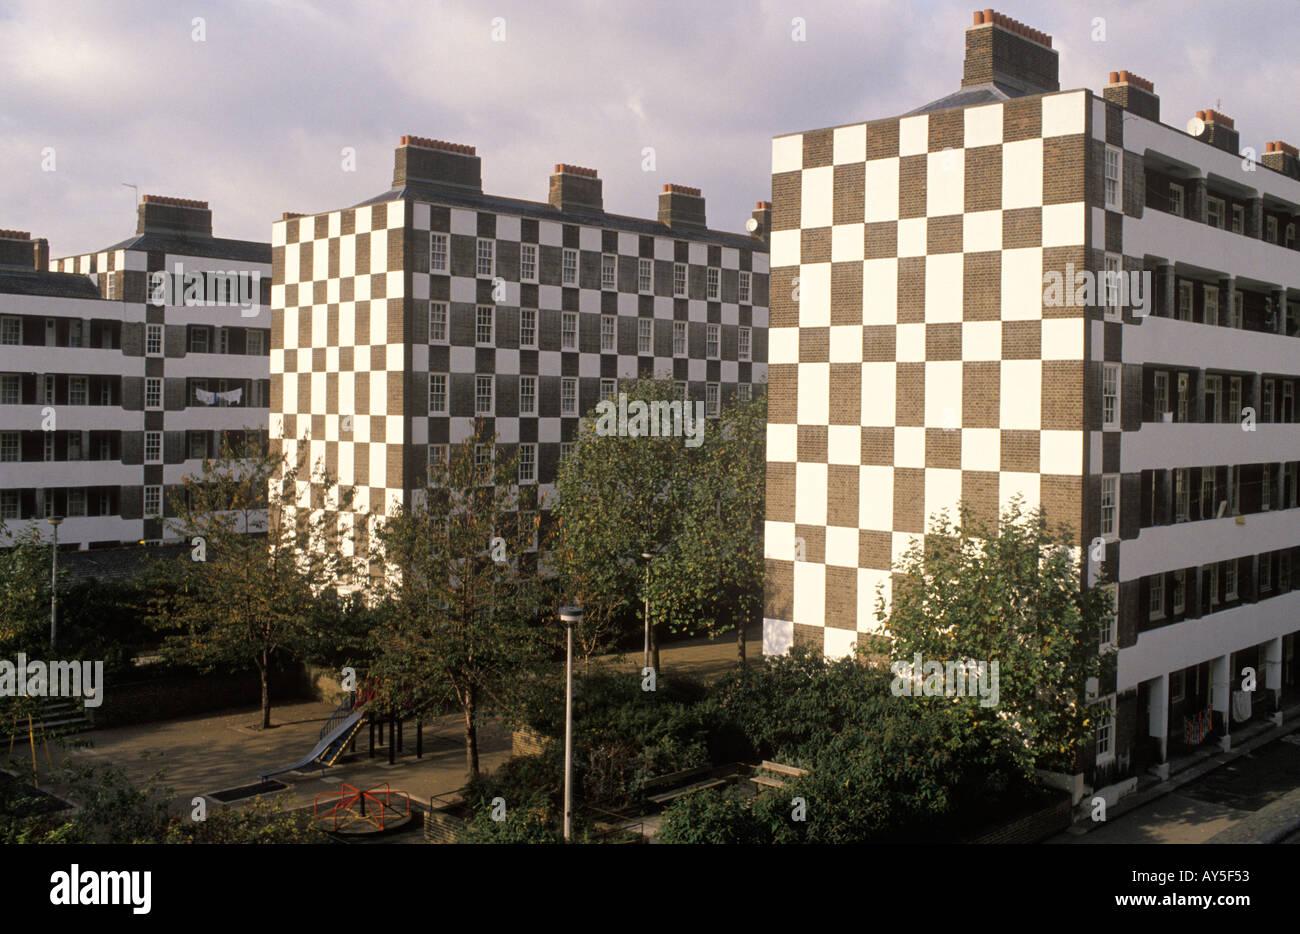 Duke of Westminster owns housing estate in Victoria London HOMER SYKES - Stock Image